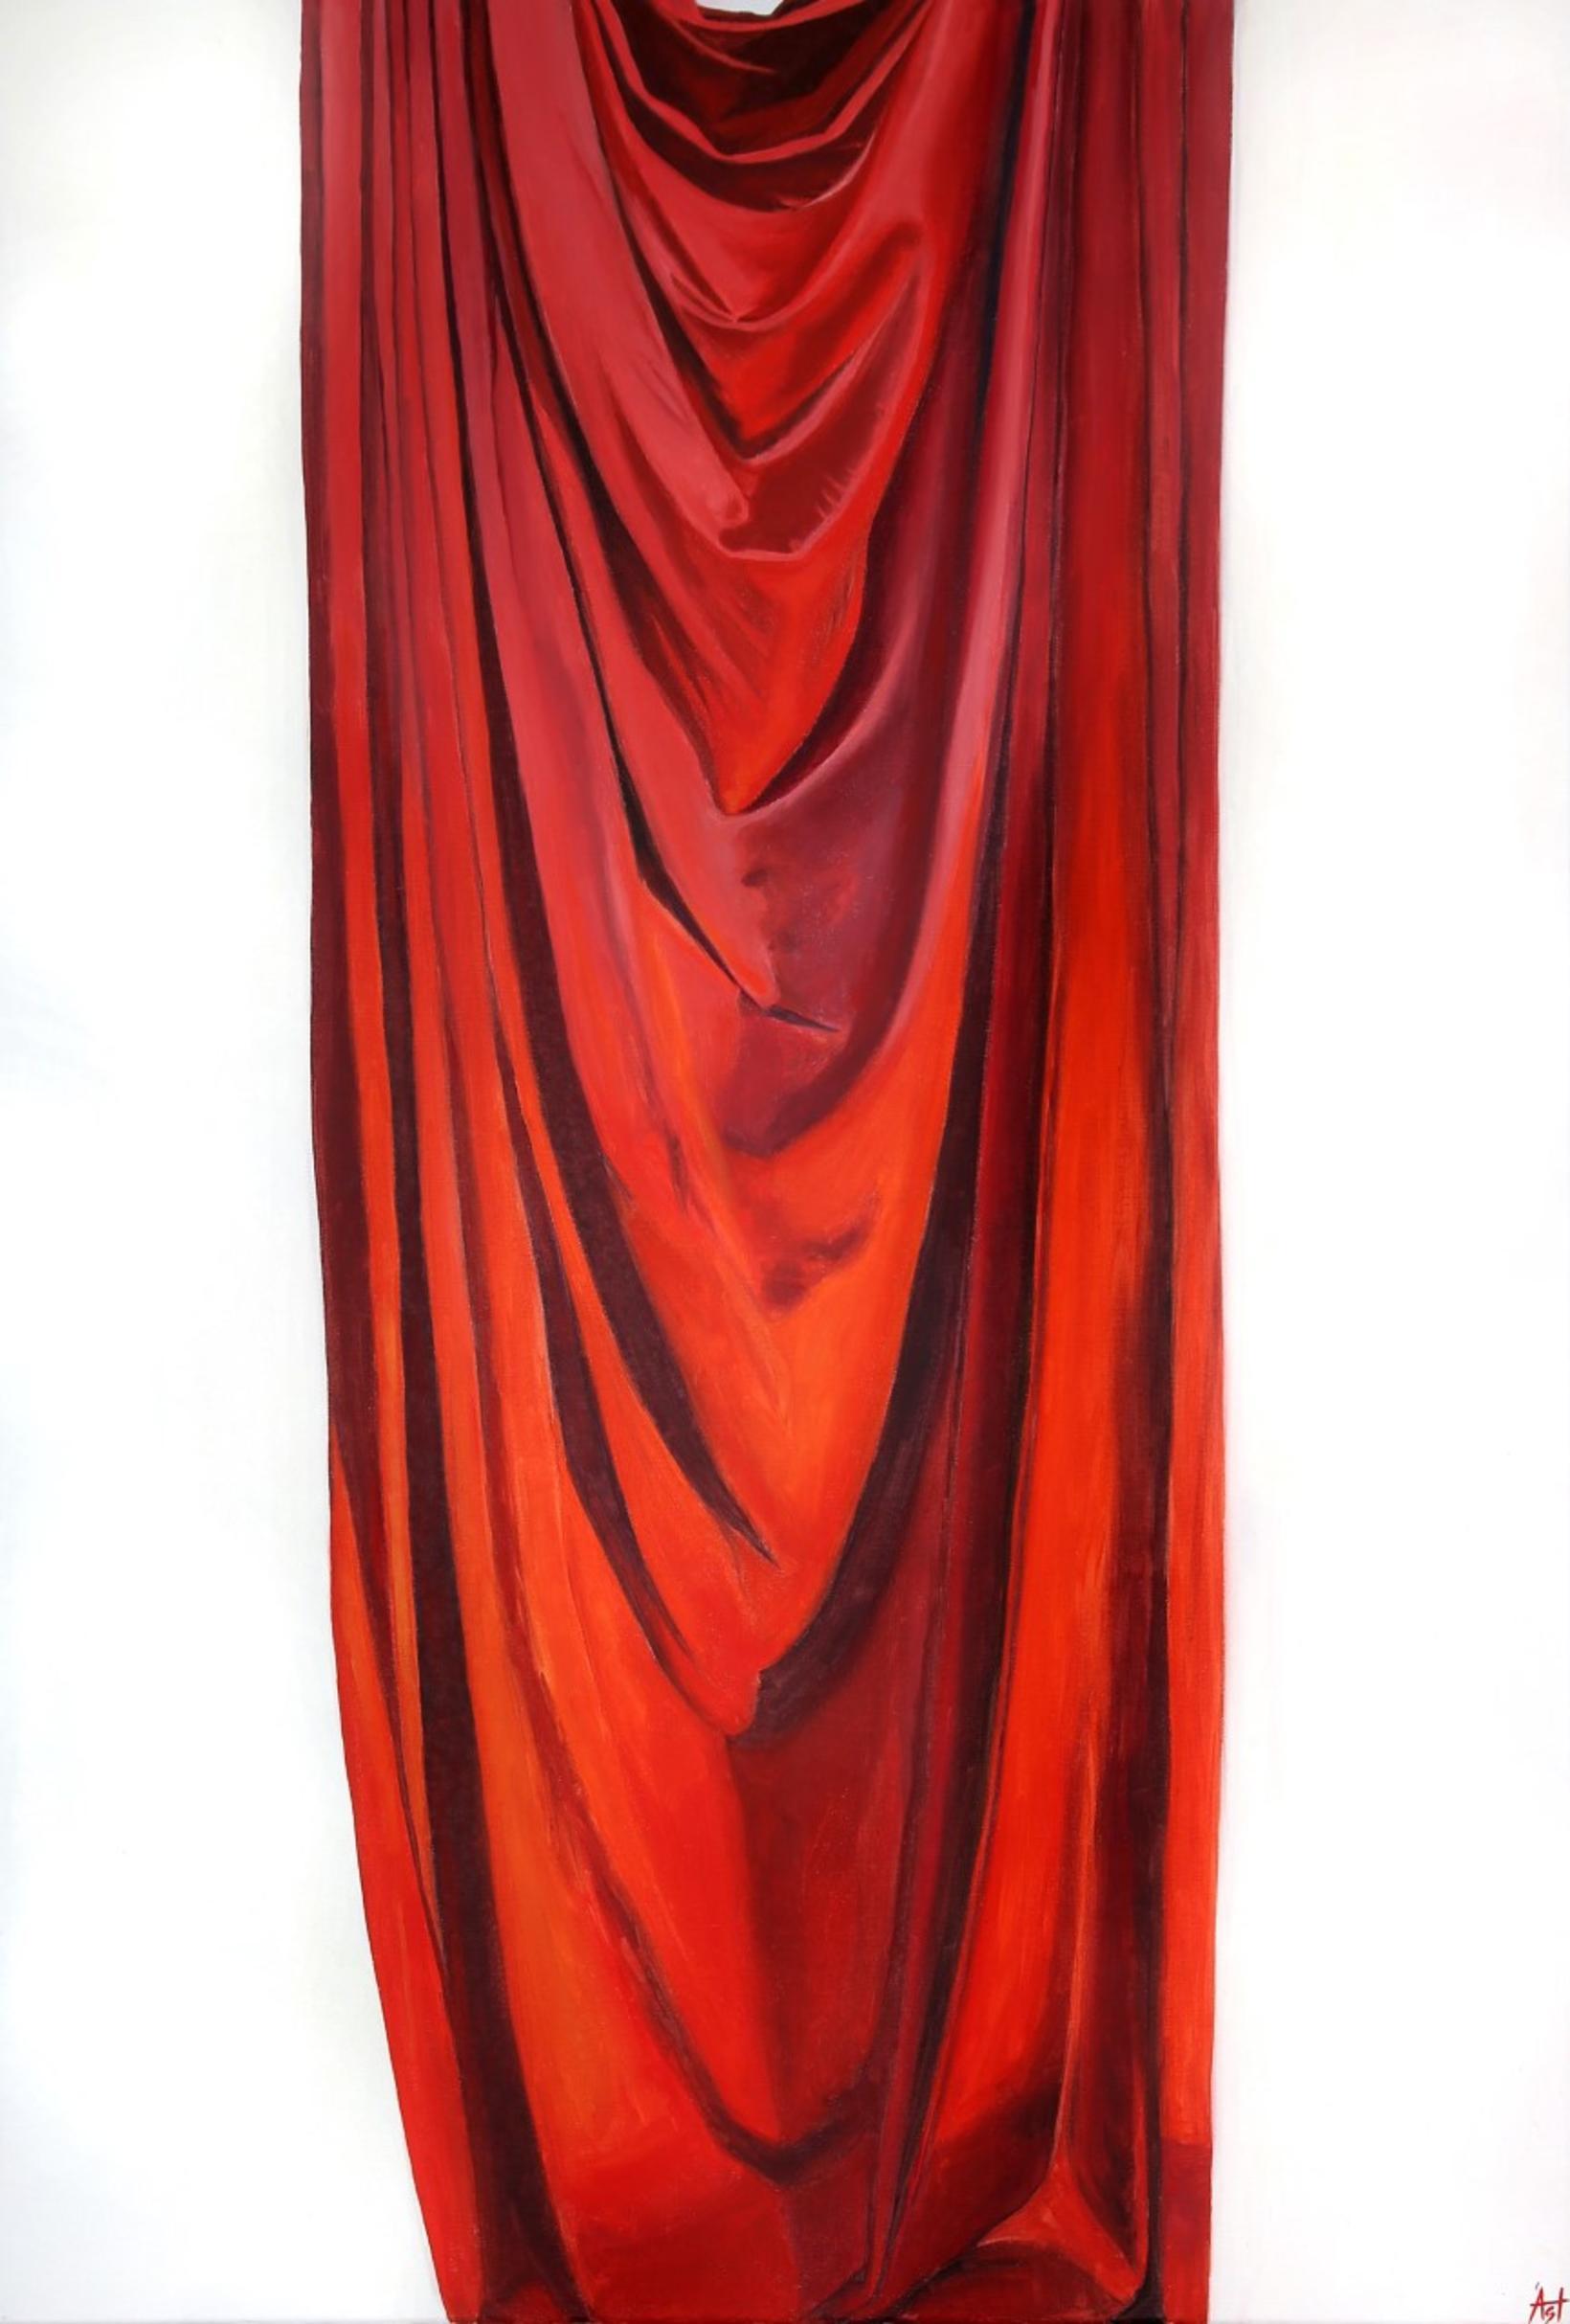 Rautt silki eftir Ástríði Jósefínu.